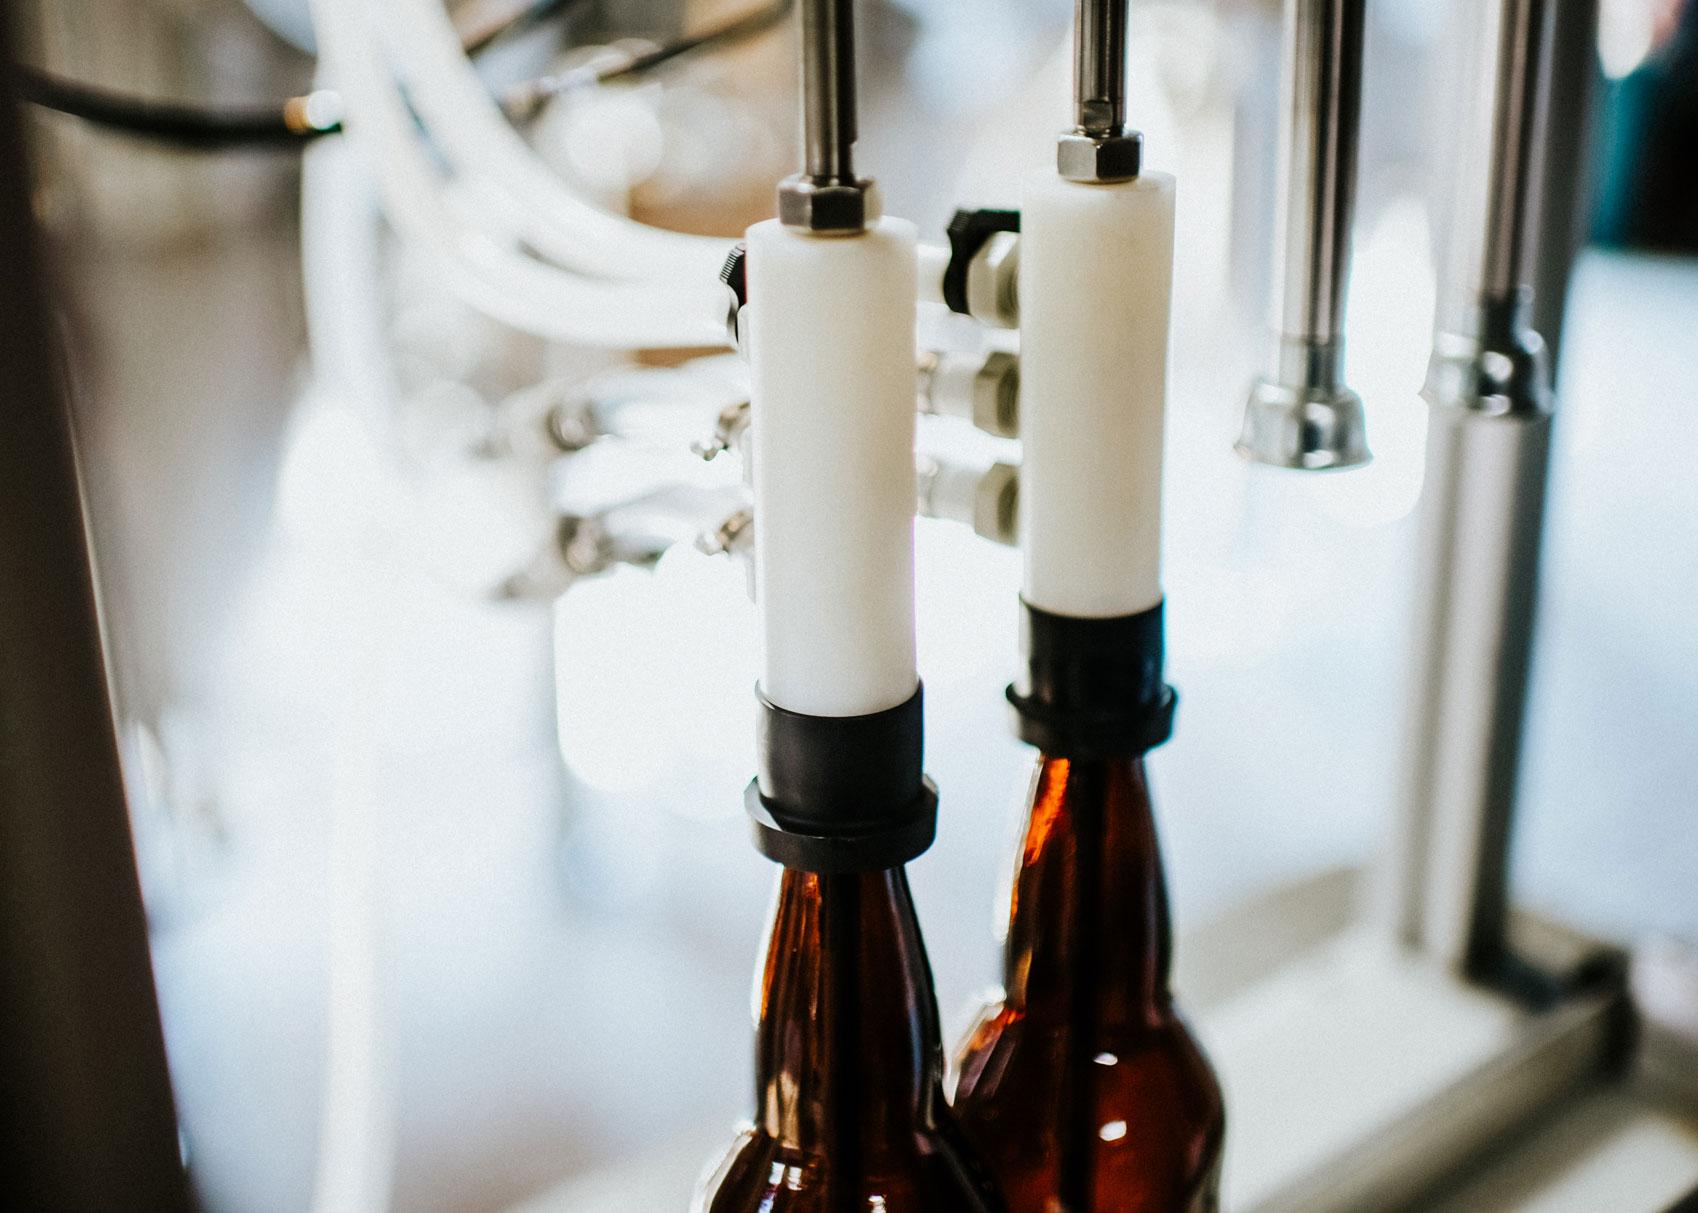 bottle-filler-05.jpg